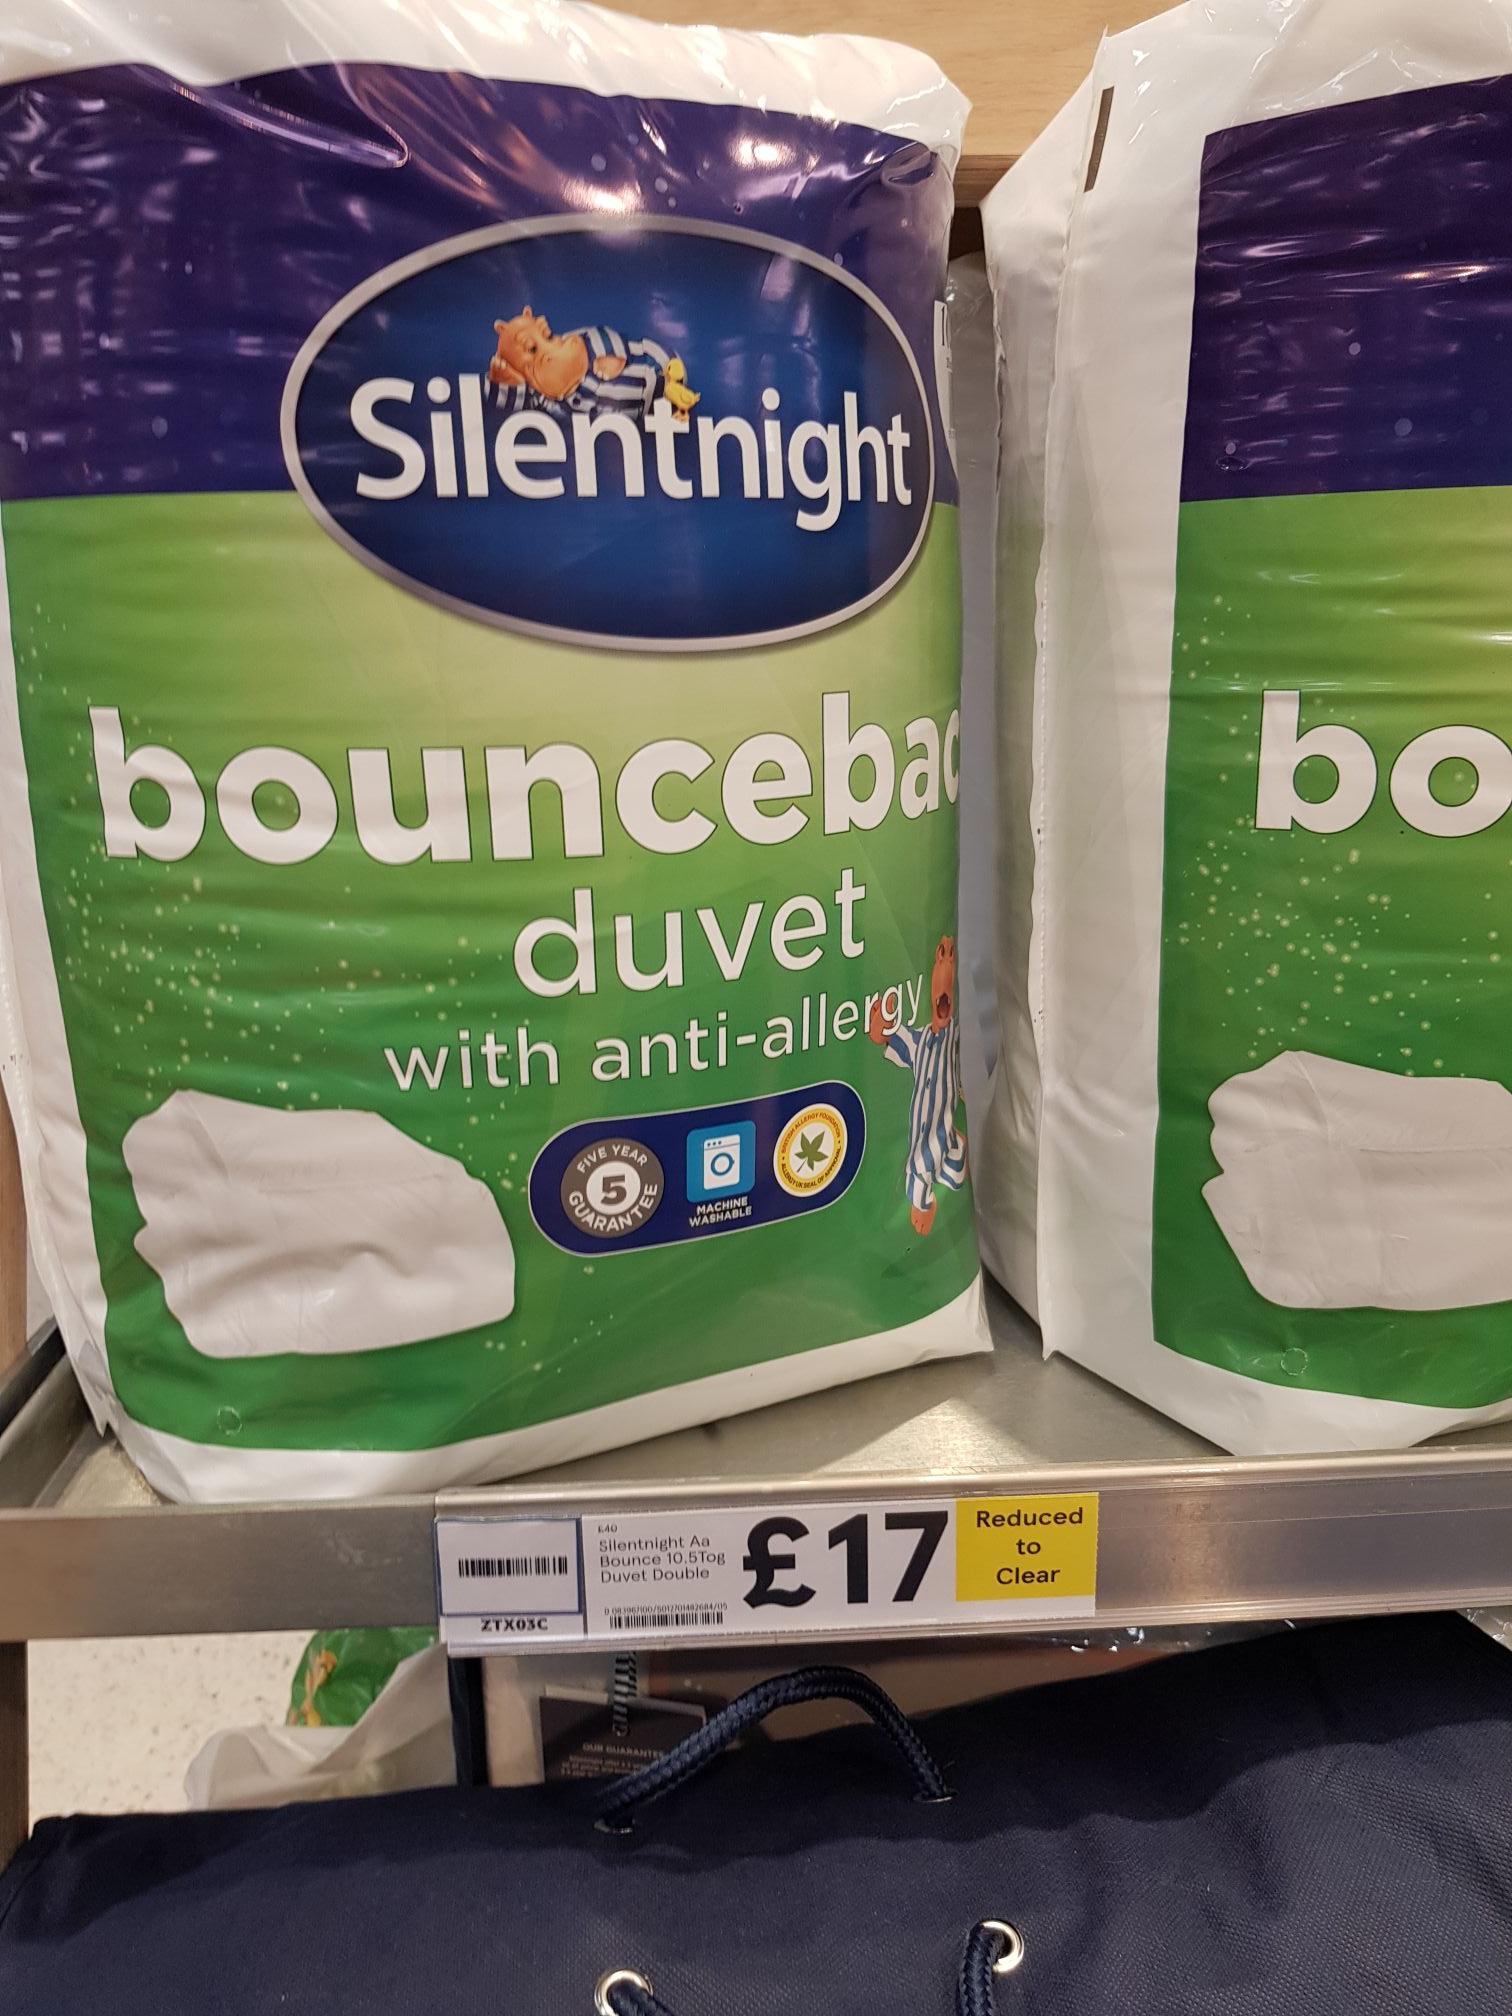 Silent night bounce back duvet Tesco instore (Hastings) - £17